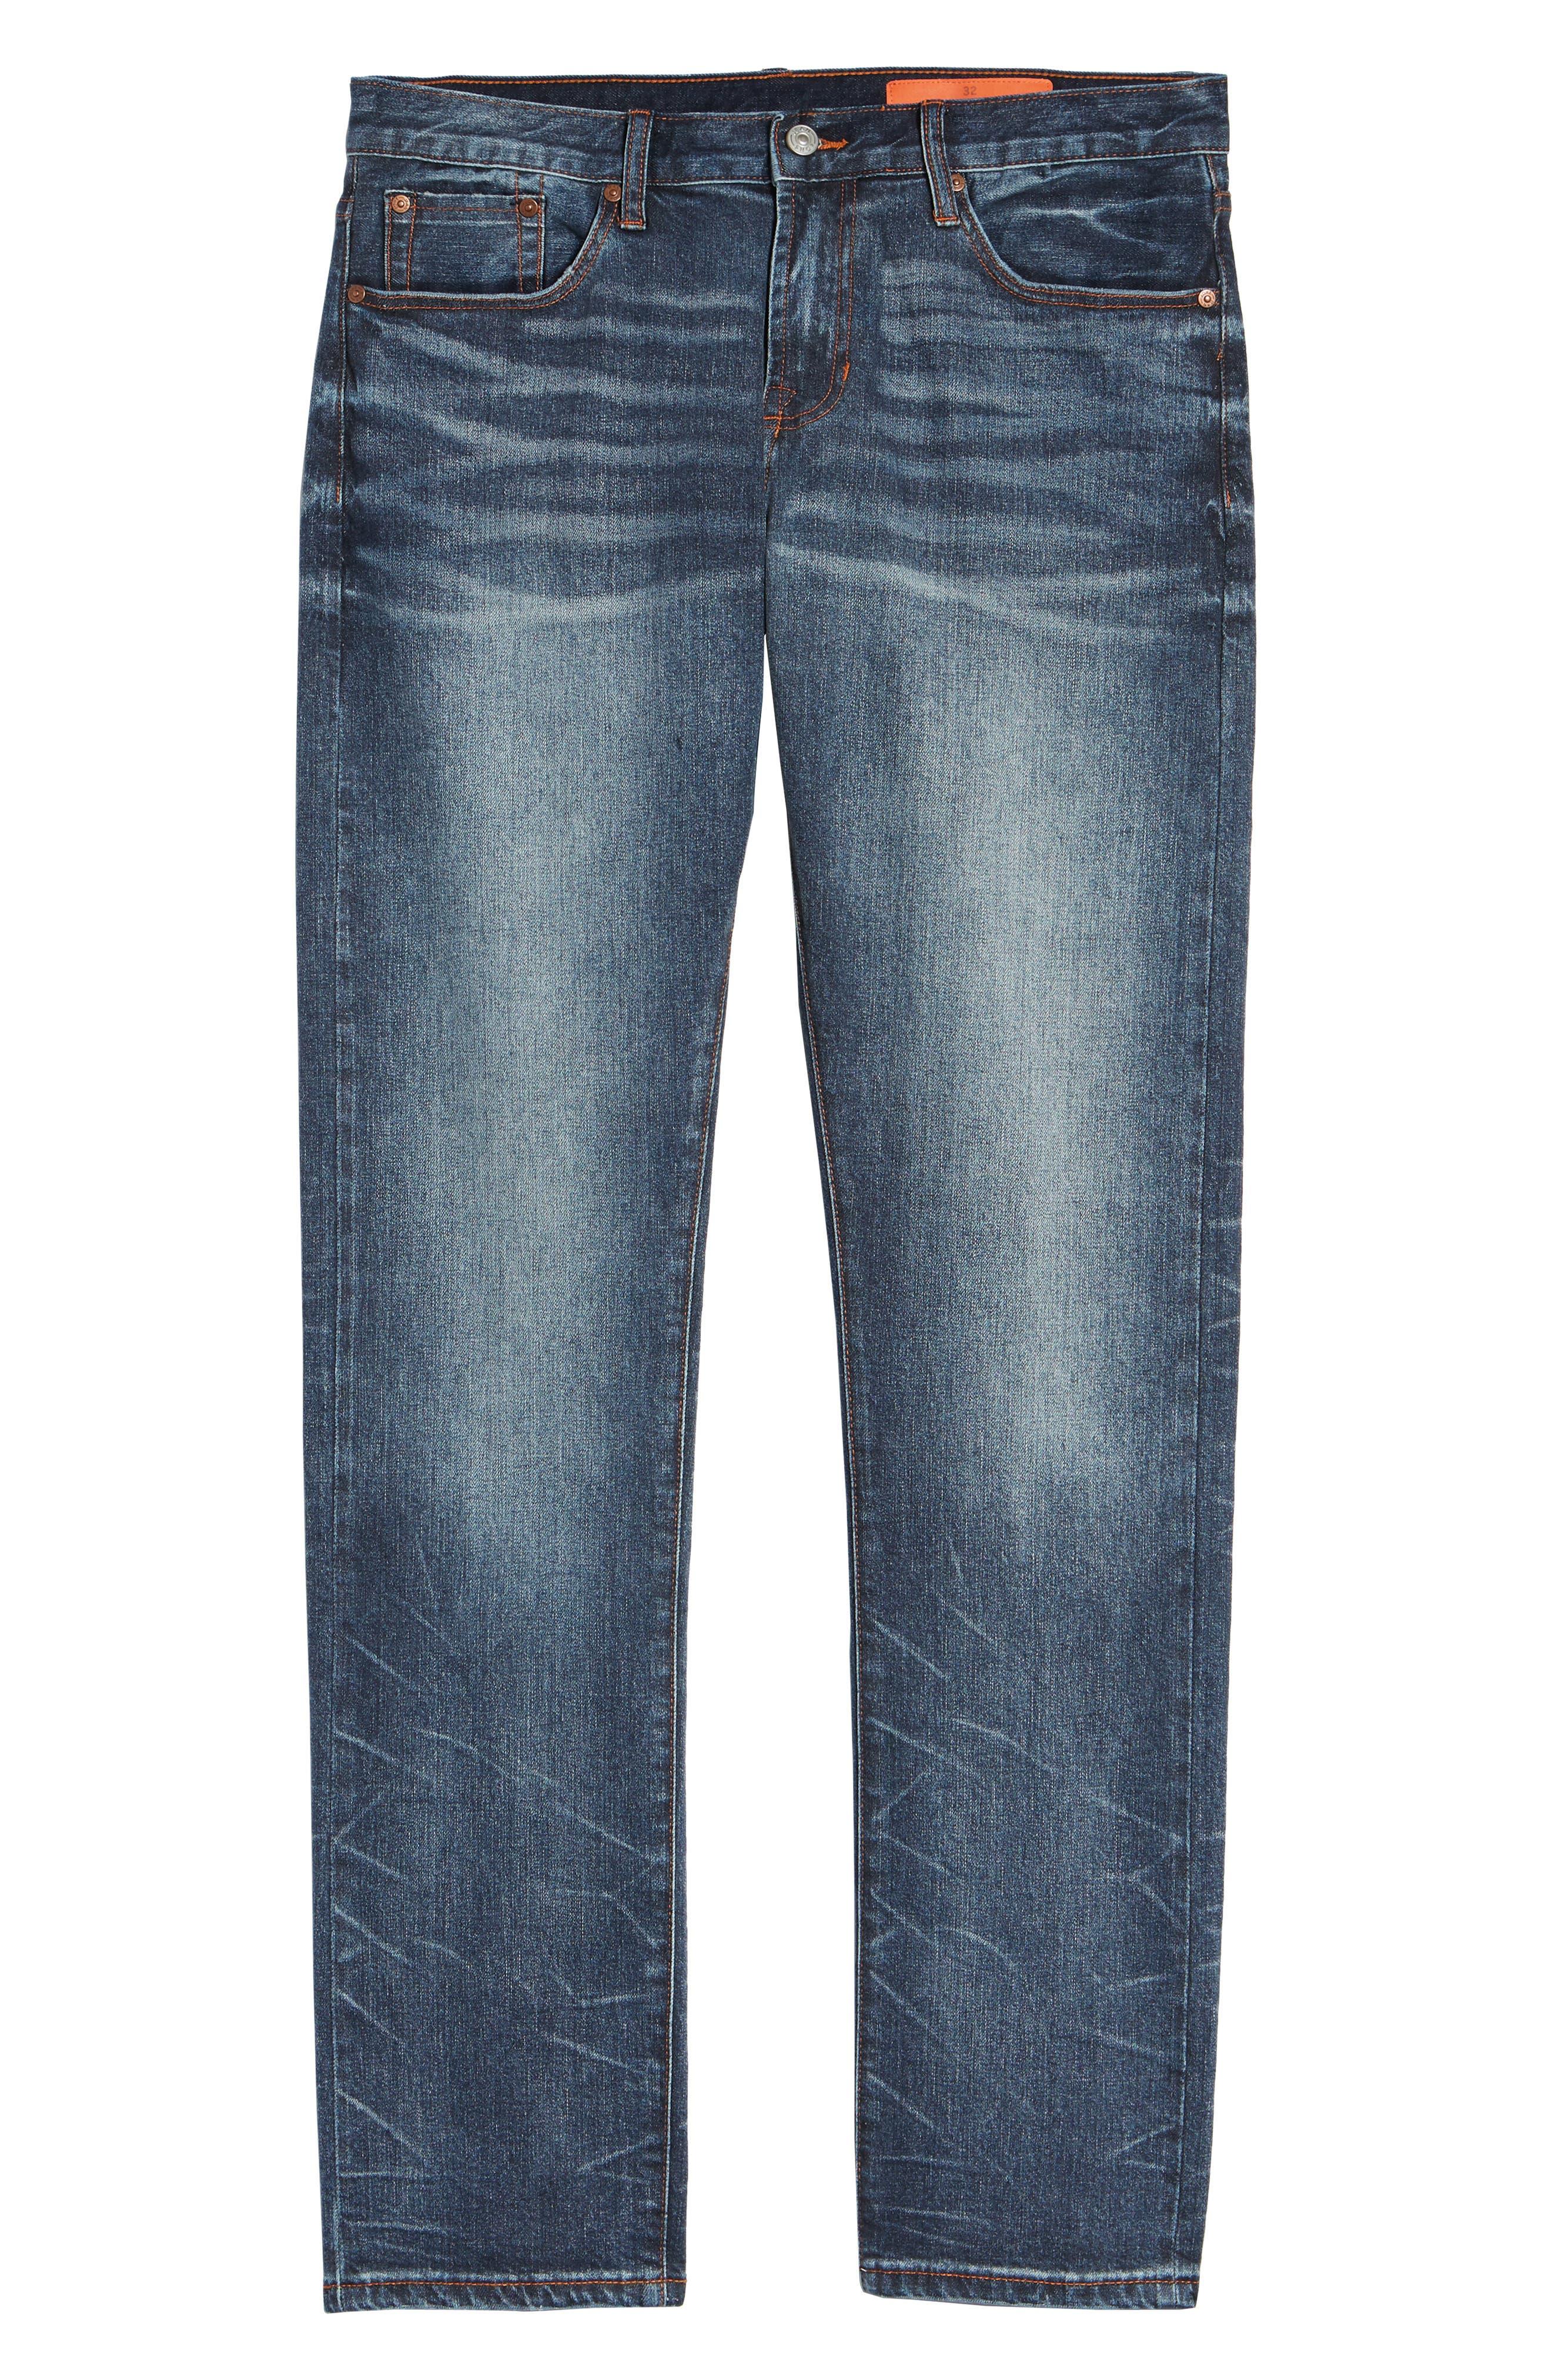 Mick Slim Fit Jeans,                             Alternate thumbnail 6, color,                             LAFAYETTE